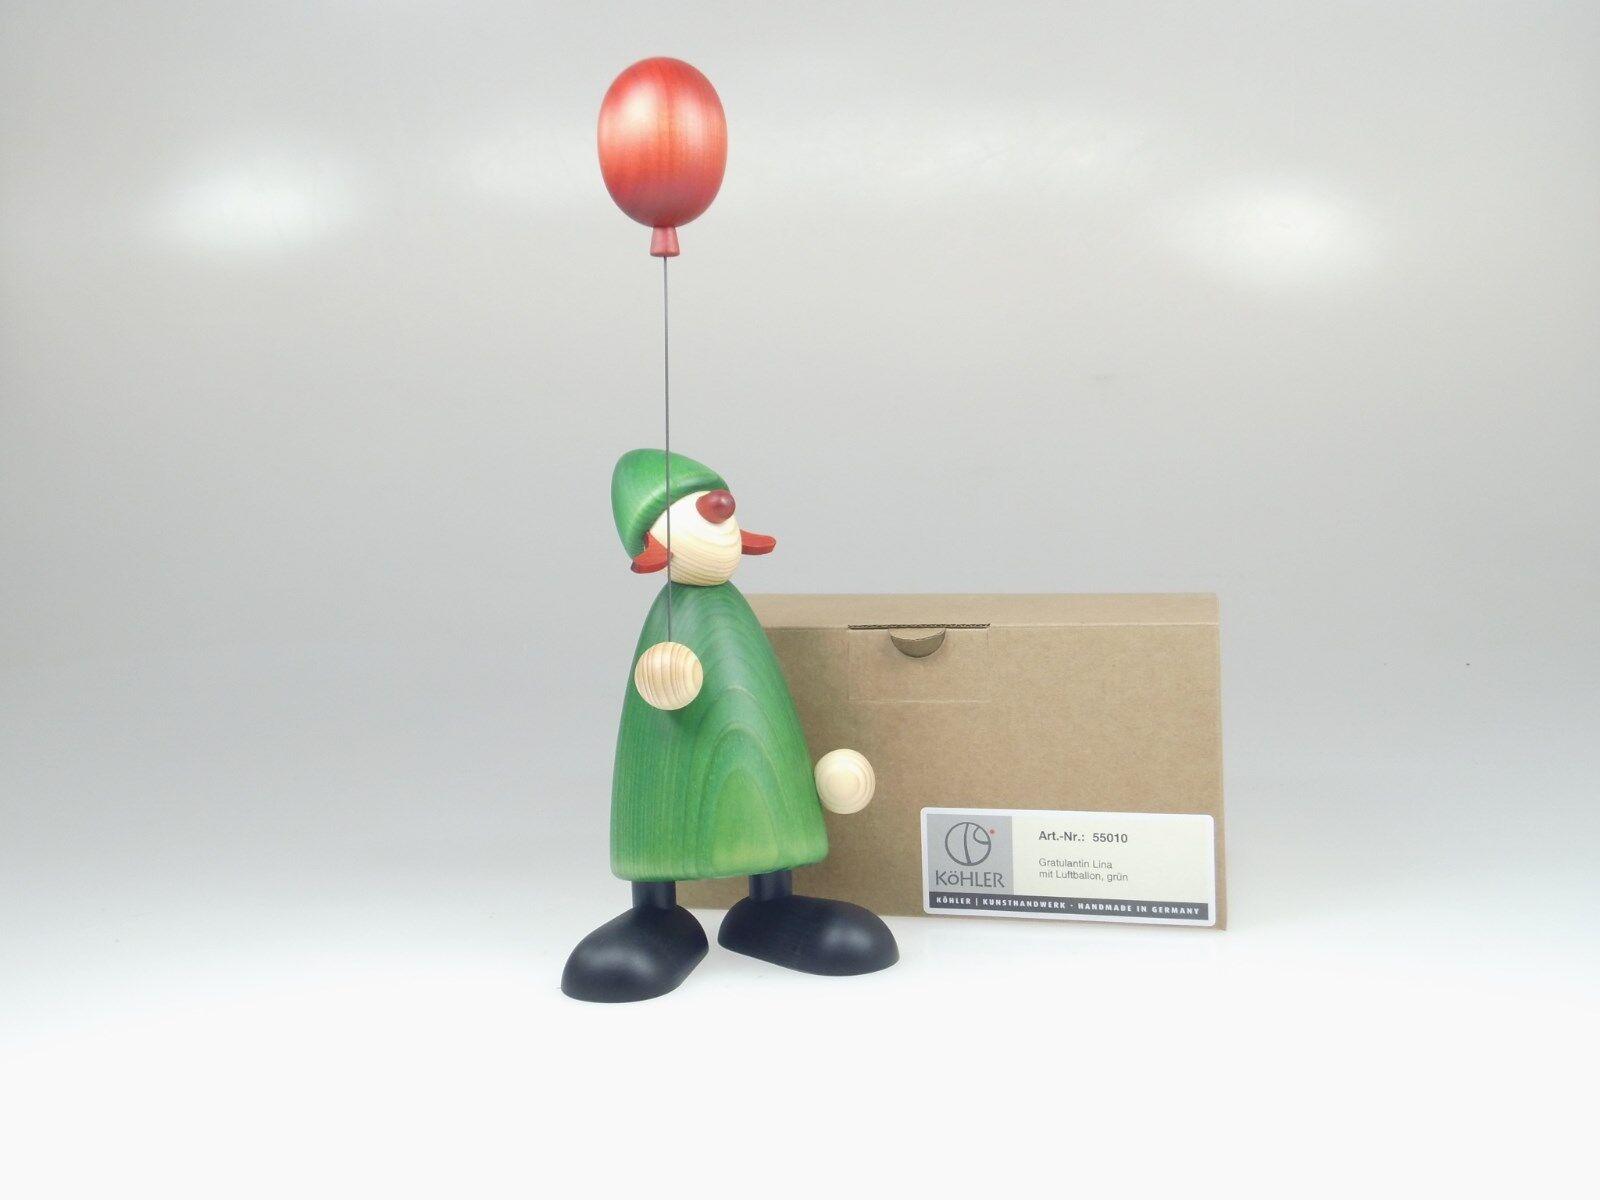 Björn Köhler 55010 Gratulantin Lina mit rotem Luftballon grün 17 cm NEU und OVP